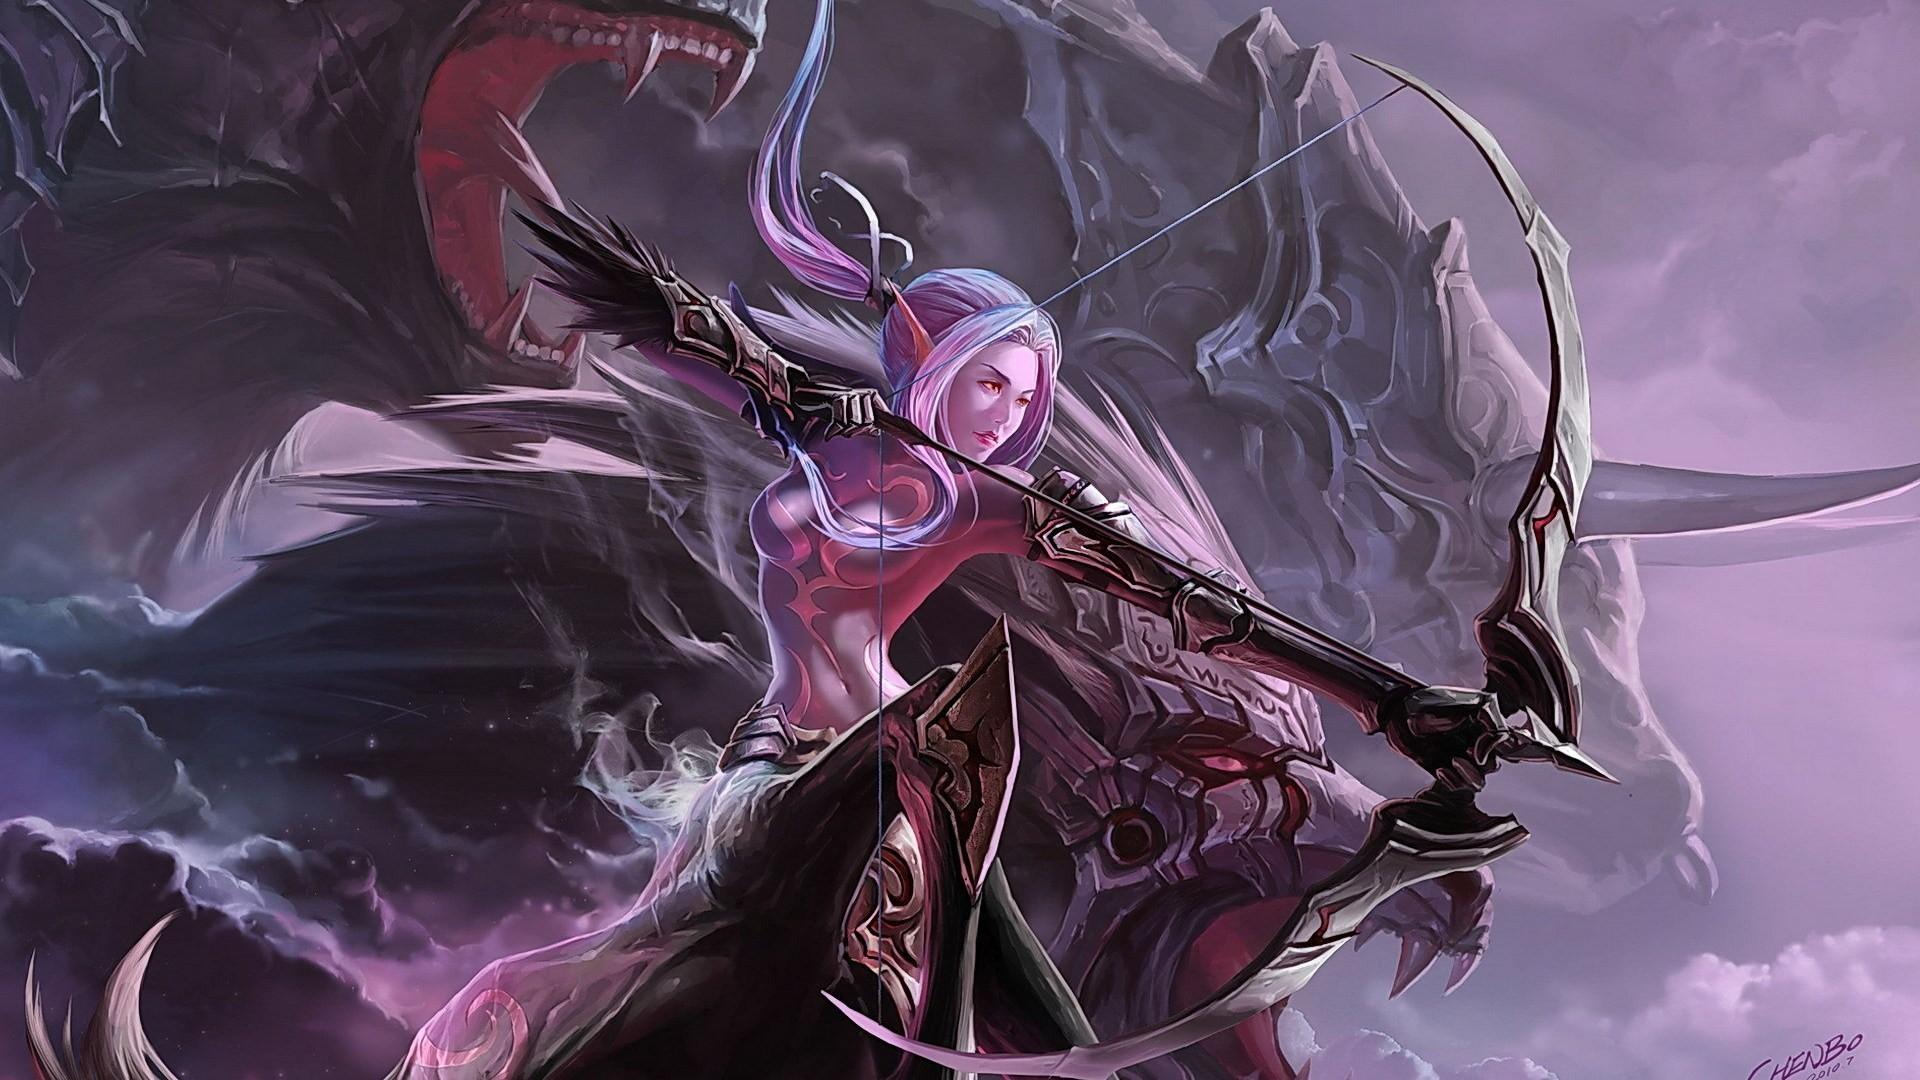 Blood Dark Fantasy Art Women   fantasy art women elf archer weapons  wallpaper background